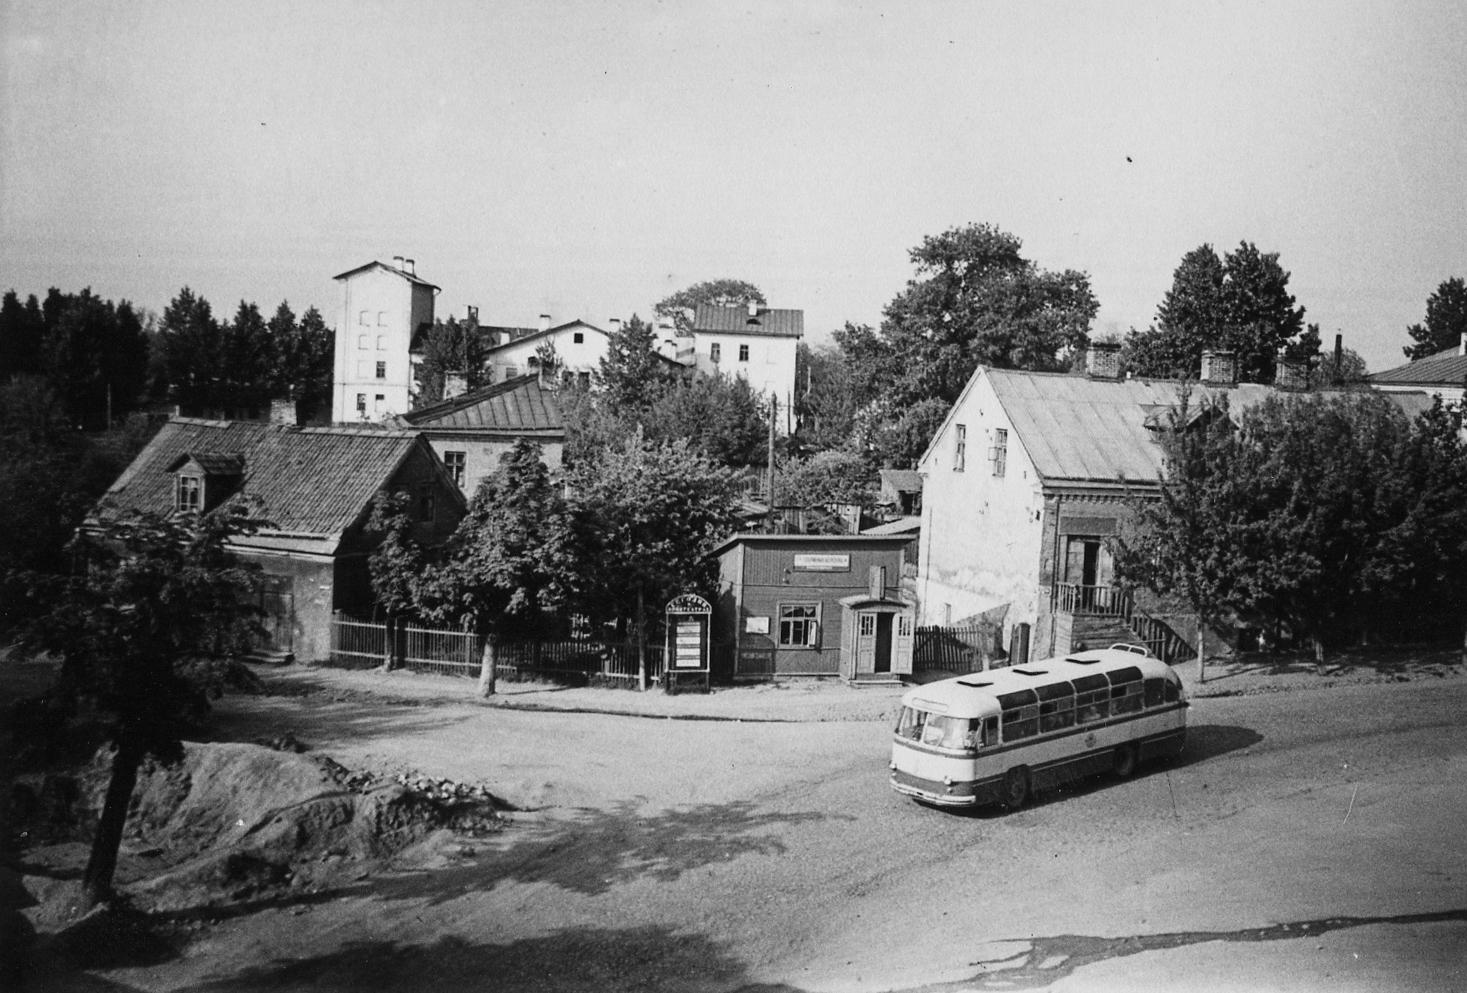 Прывакзальная плошча 1963 г. У драўляным дамку цырульня Мееровіча. Фота Віктара Саяпіна.